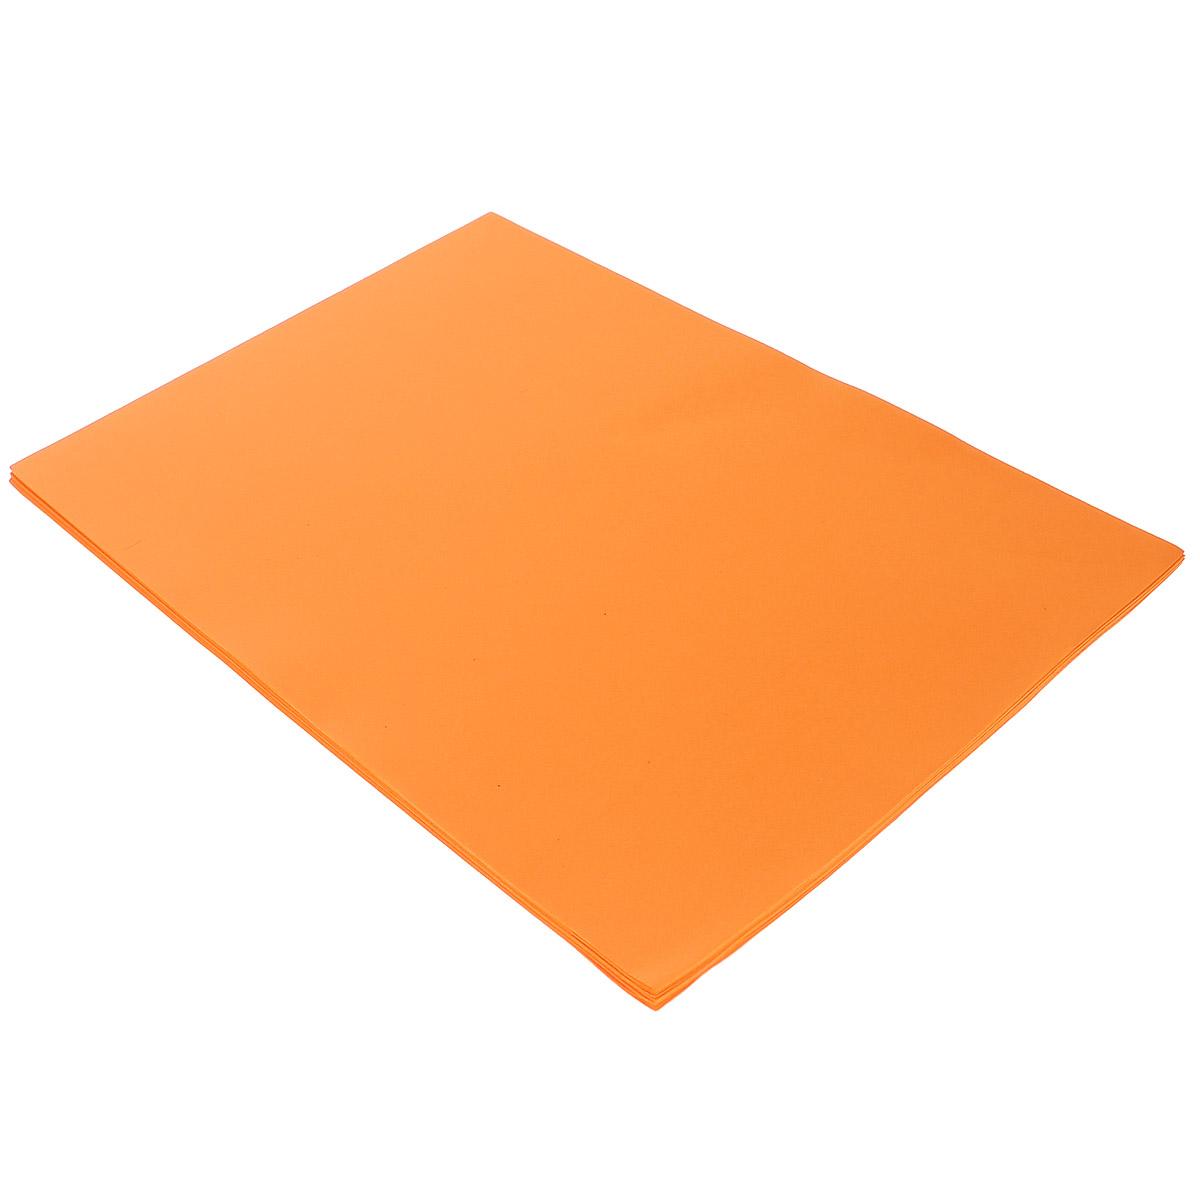 Фоамиран ScrapBerrys, цвет: оранжевый, А4, 10 штSCB480104Фоамиран ScrapBerrys изготовлен из полимерного вспененного материала, легкого и приятного на ощупь. Листы фоамирана используются для создания различного объемного декора: цветы, элементы подарочной упаковки, открытки и различные элементы для скрапбукинга. Листы легко режутся ножницами и вырубаются фигурными компостерами. С помощью тепла рук или нагревательного прибора, вы сможете придать этому материалу любую форму, добавить фактуру.